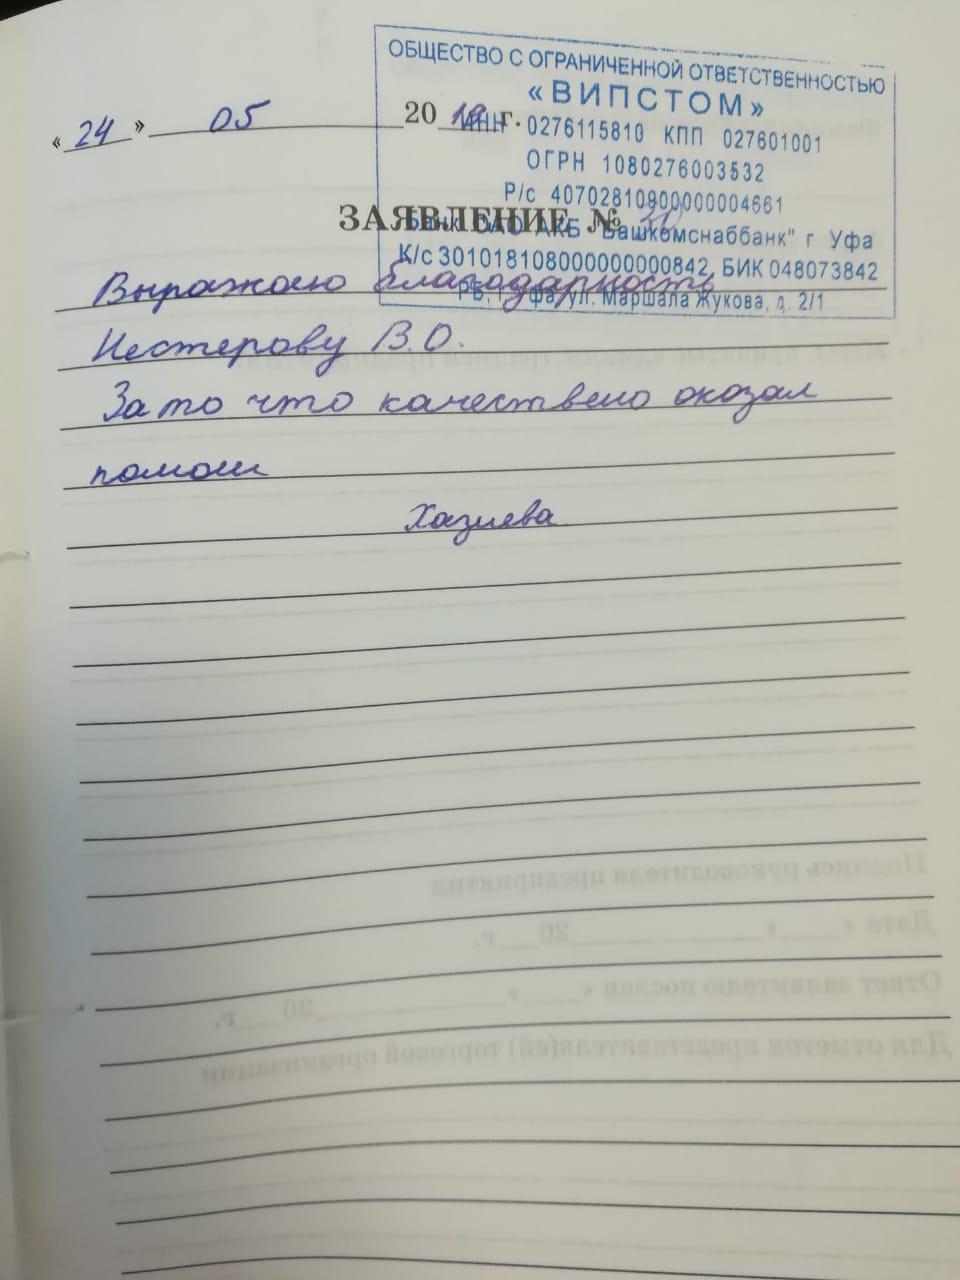 Хазиева Л.Л.